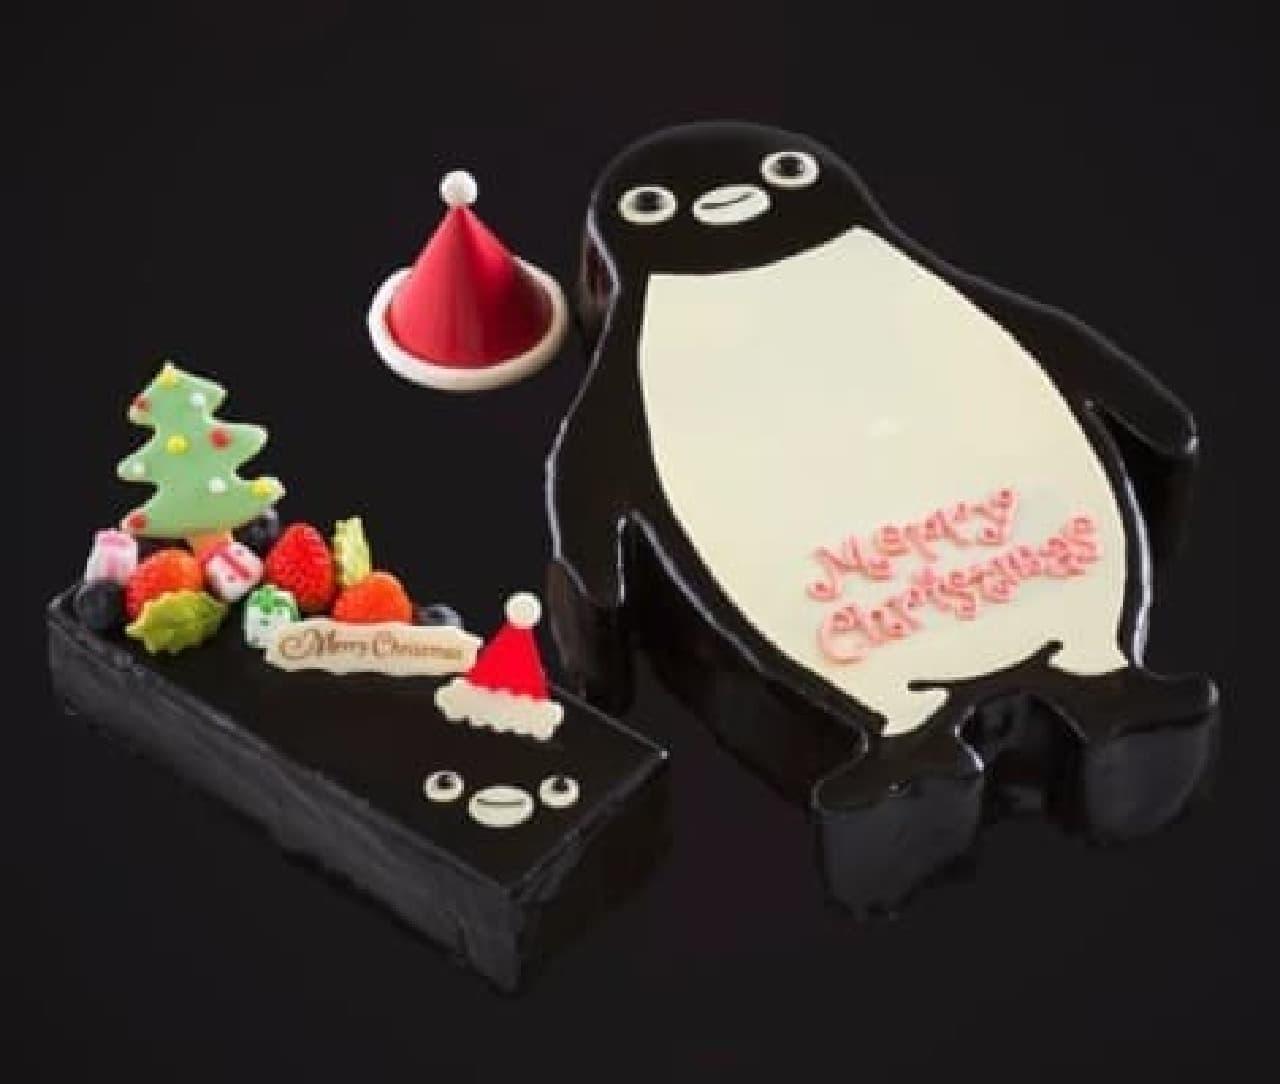 Suica のペンギンがクリスマスケーキになった!  (c)C.S/JR東日本/D